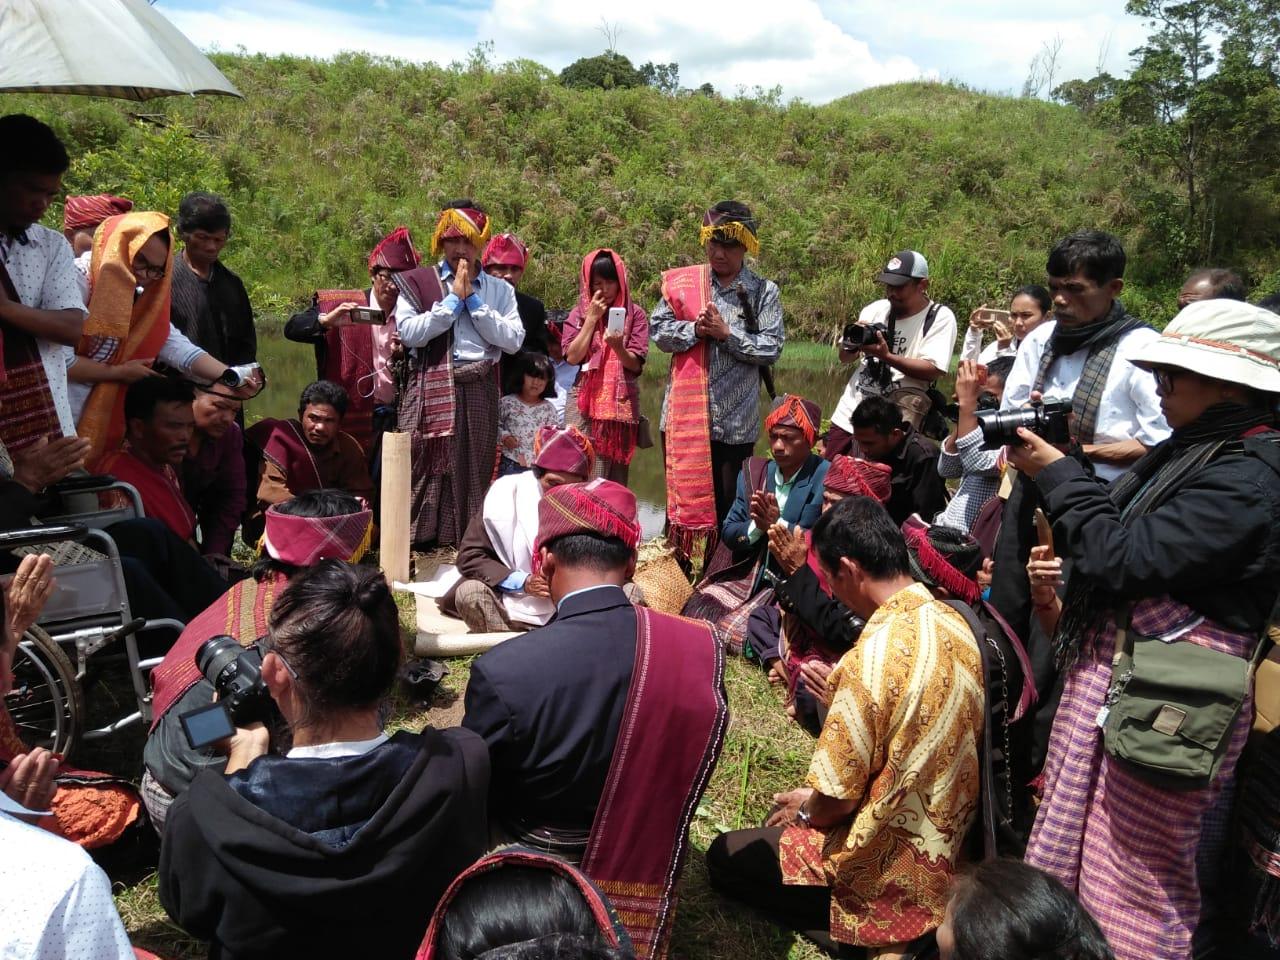 Ritual Patarias Debata di Tengah Ancaman bagi Keberlanjutannya